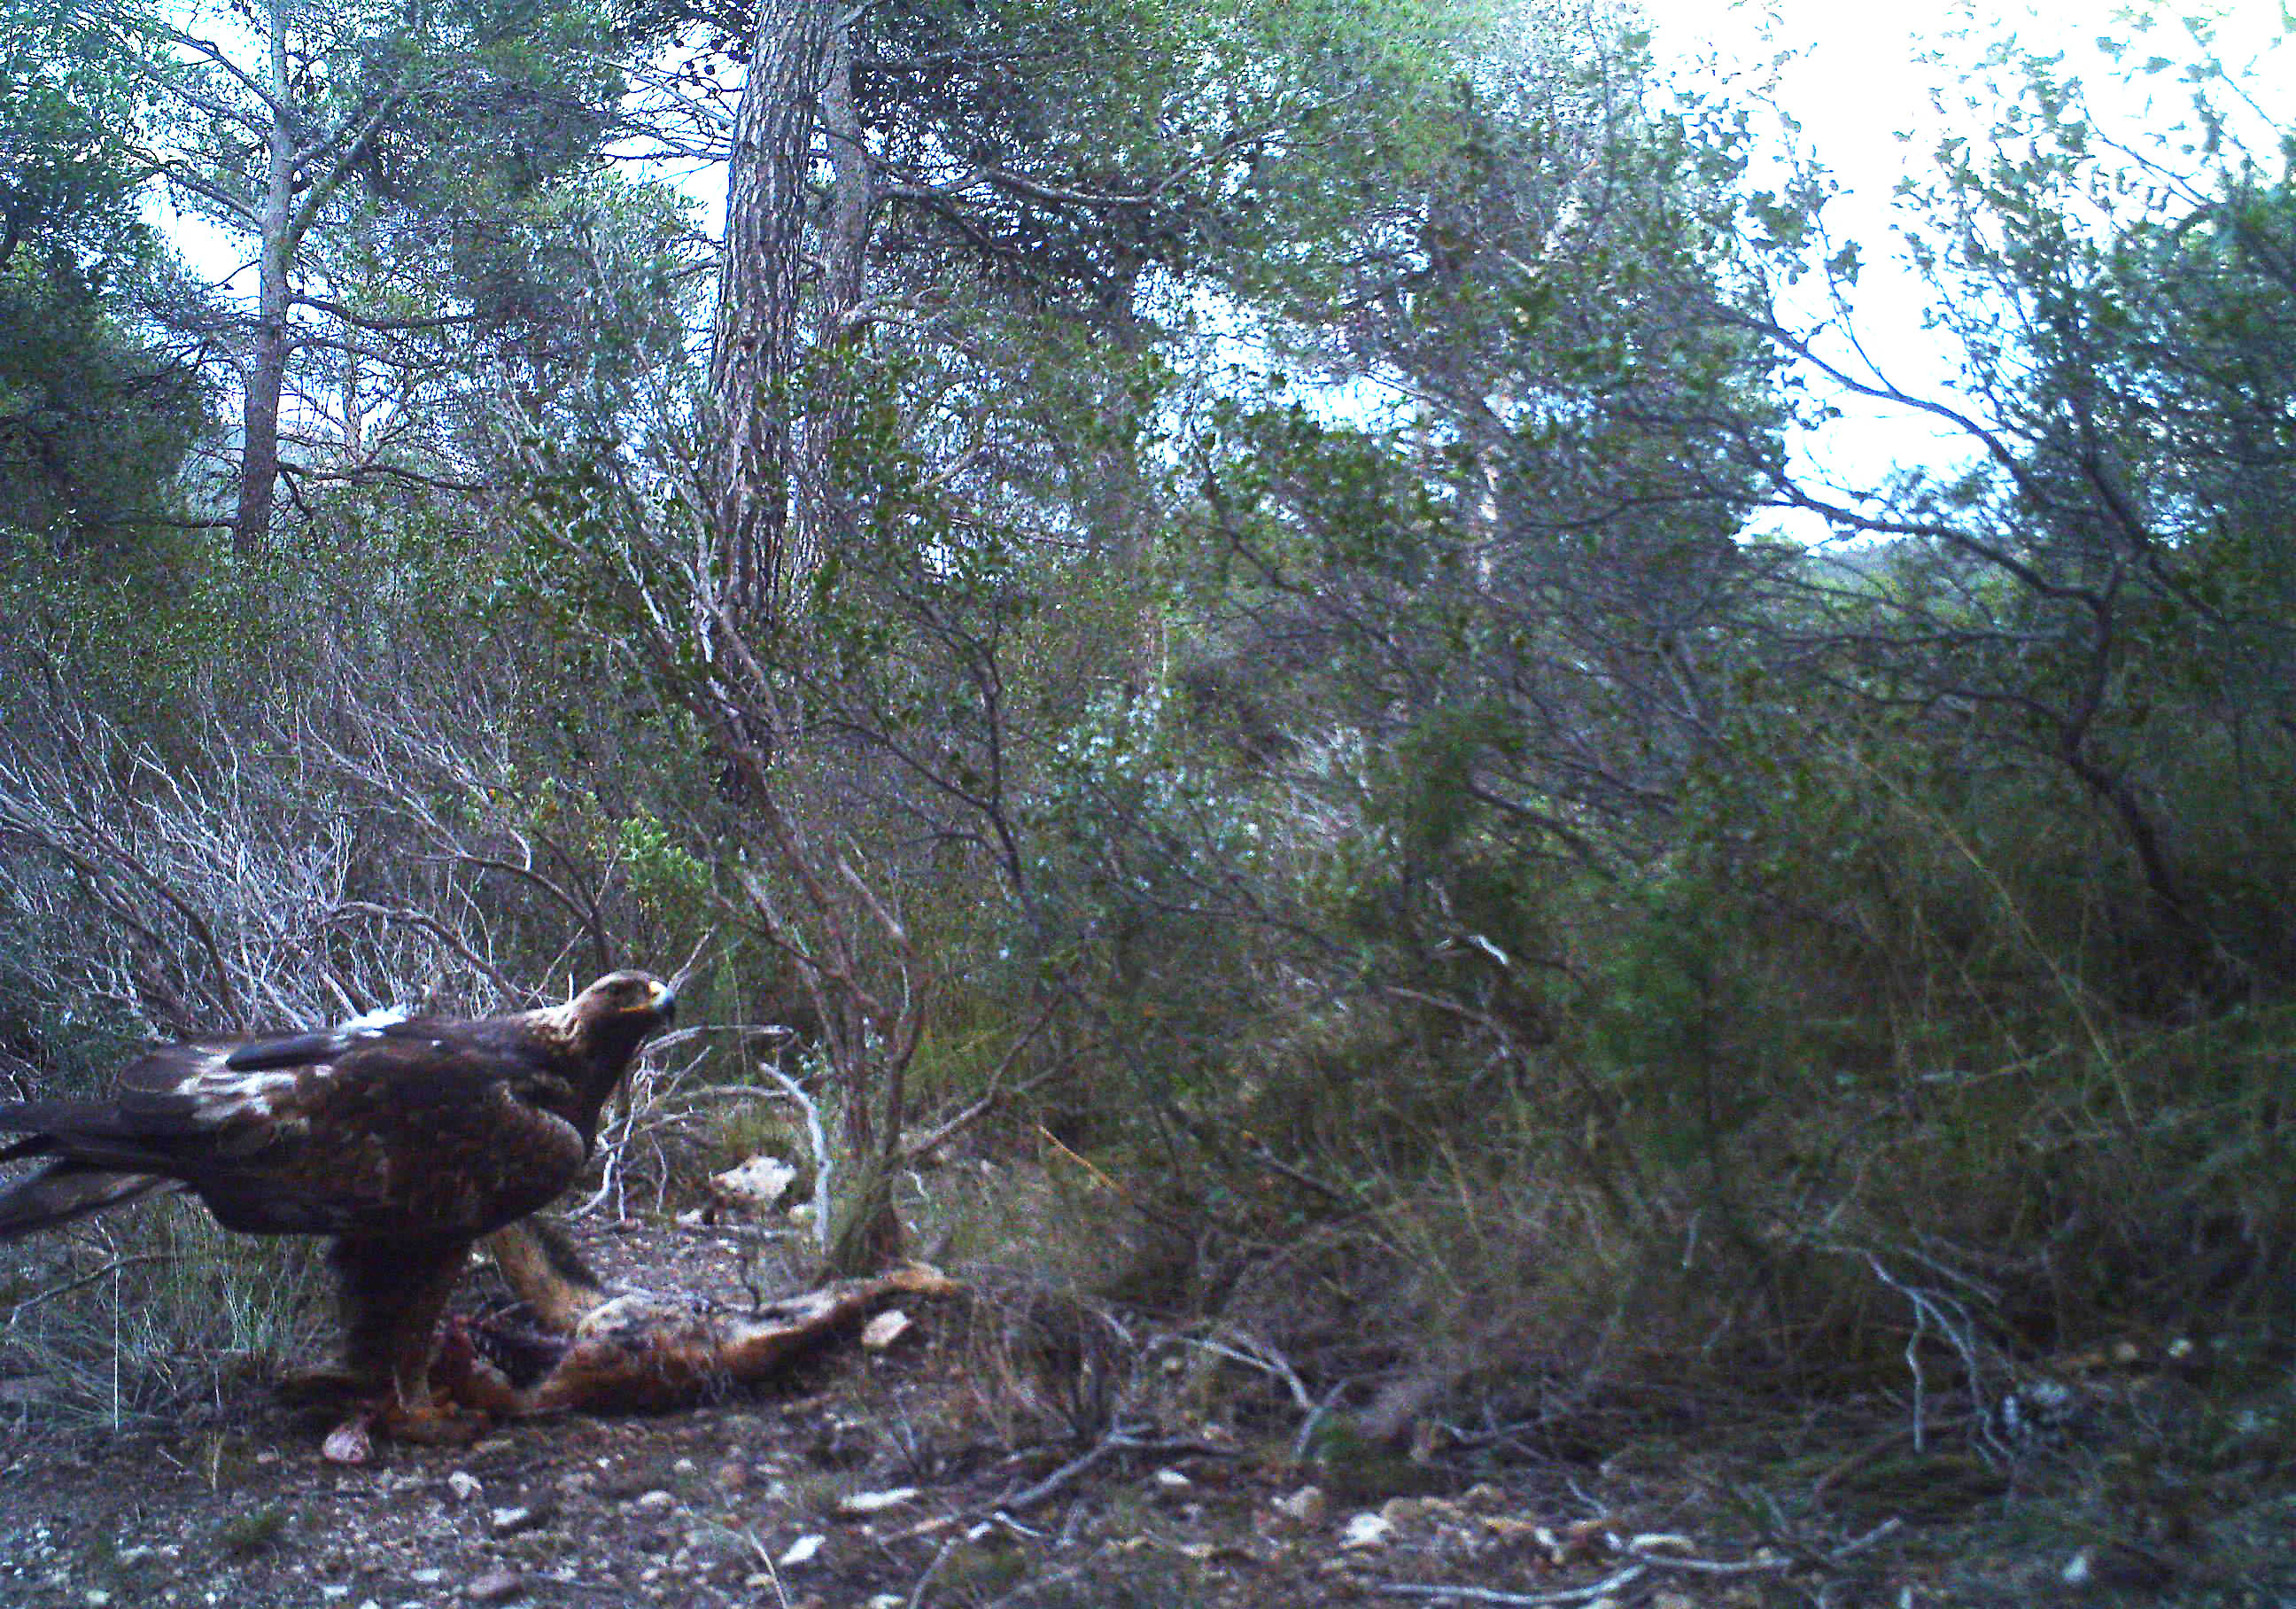 Aunque varias especies de carroñeros vertebrados -como el zorro, la garduña o el jabalí- visitaron los cadáveres, el águila real fue la única especie que consumió parcialmente uno de ellos. Imagen: Fuente: Carlos Muñoz Lozano y otros / UMU